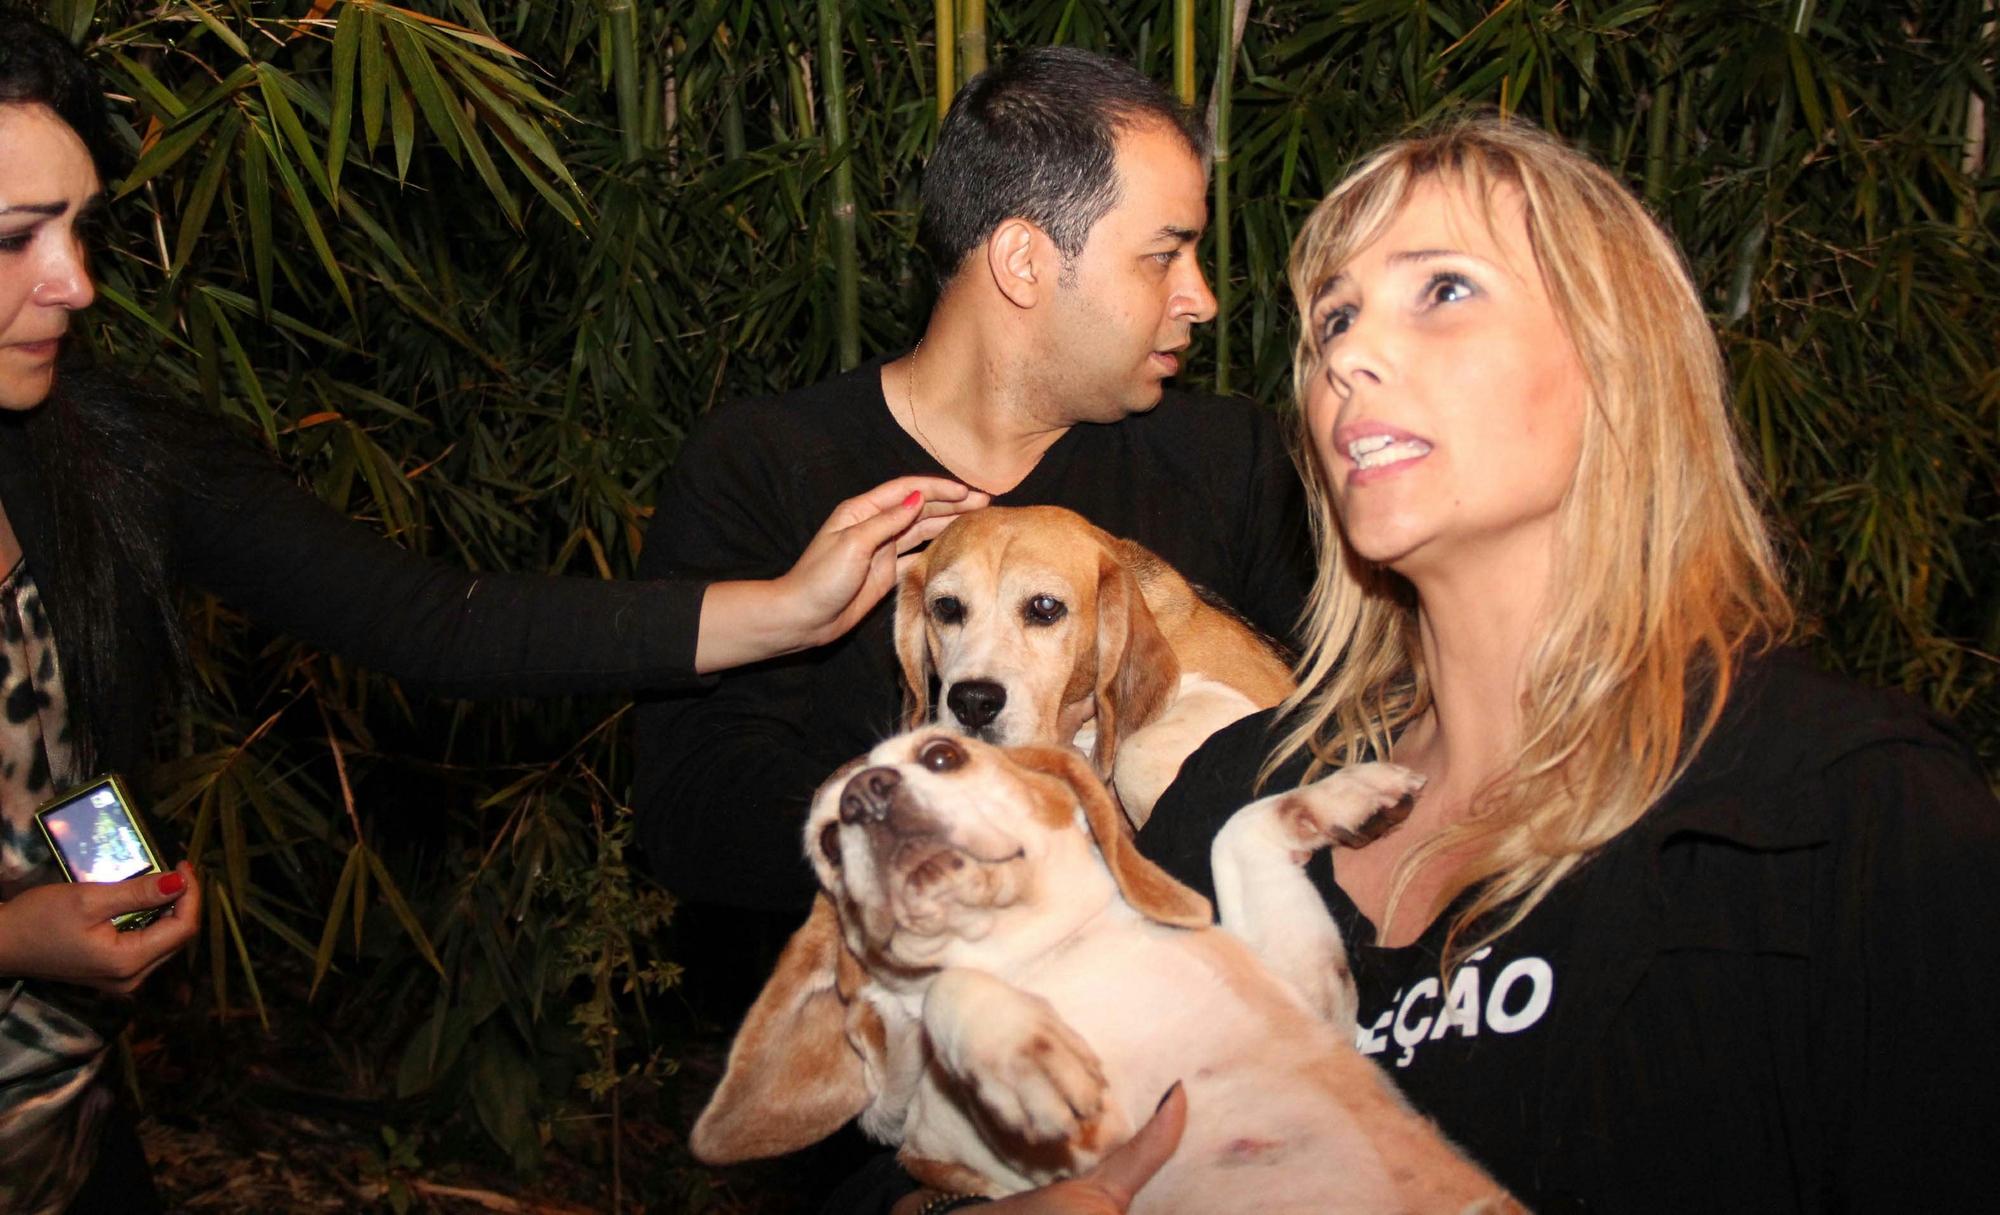 Cerca de cem ativistas de diversas ONGs que cuidam de animais invadem o laboratório Royal, em São Roque, para libertar os cachorros alegando que eles sofrem de maus tratos